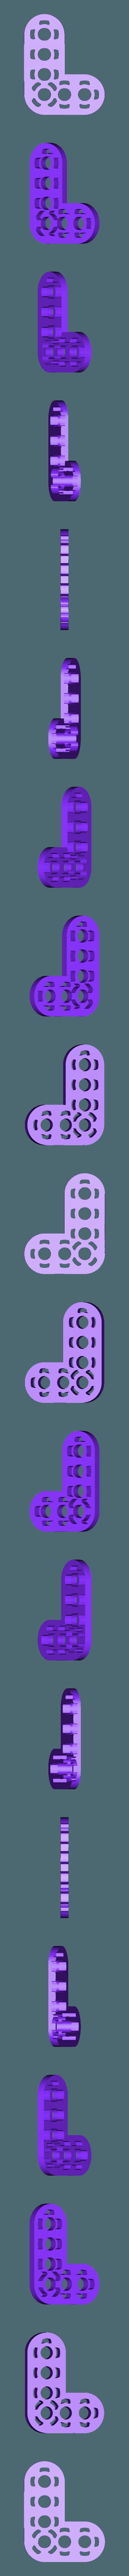 L_3_4.STL Télécharger fichier STL gratuit MEGA Expansion 200+ Pièces • Plan à imprimer en 3D, Pwentey